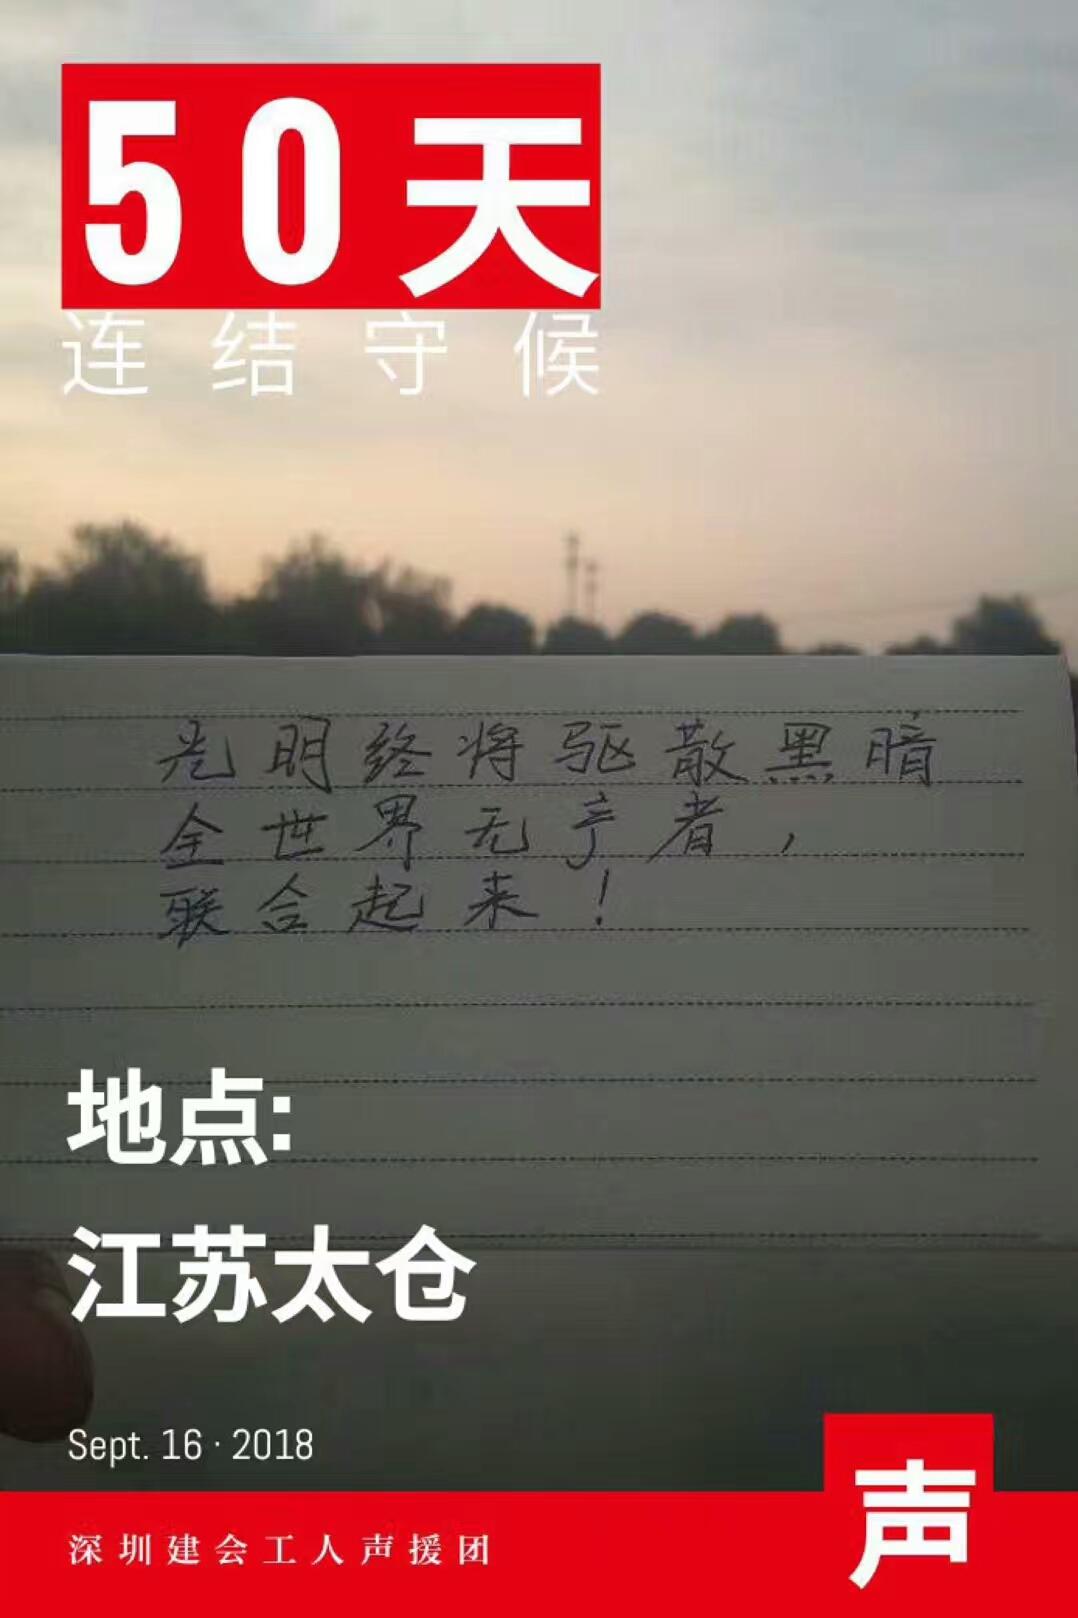 江苏太仓.jpg